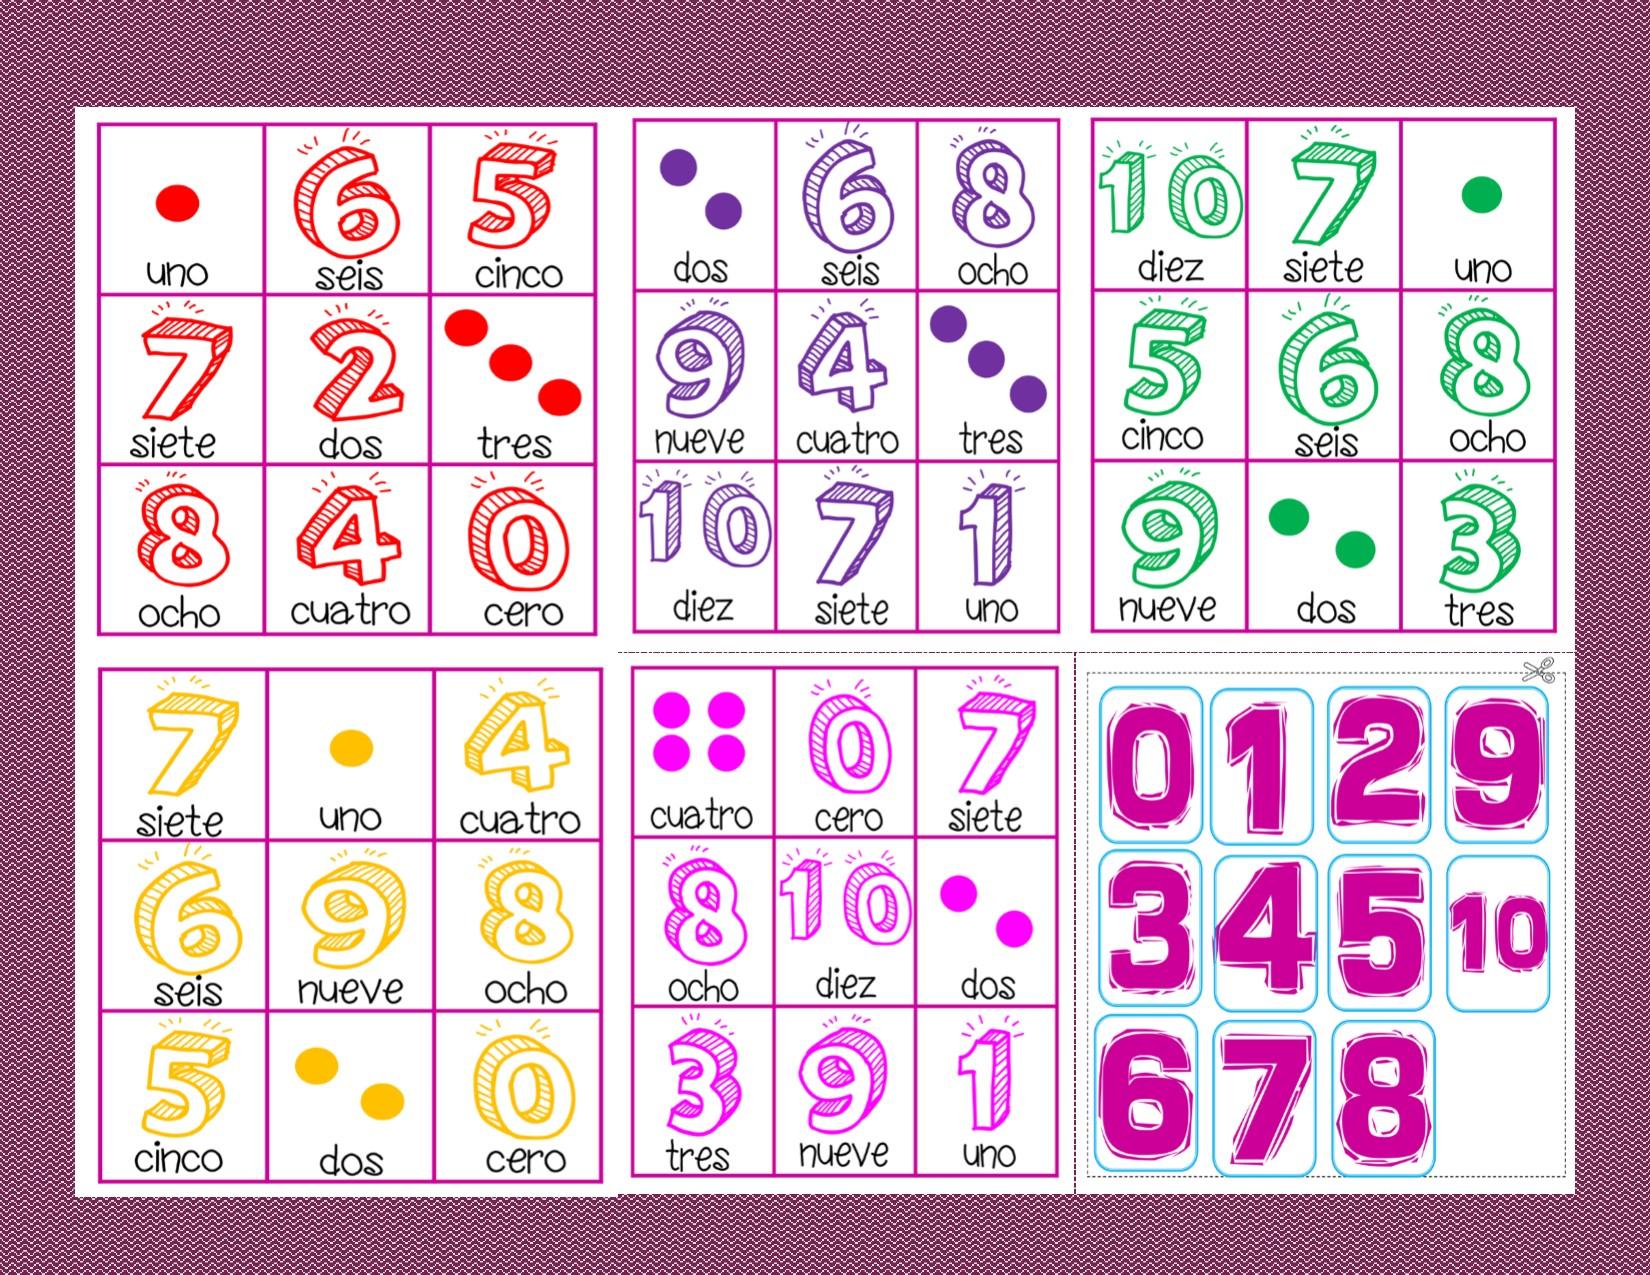 loterianumeros